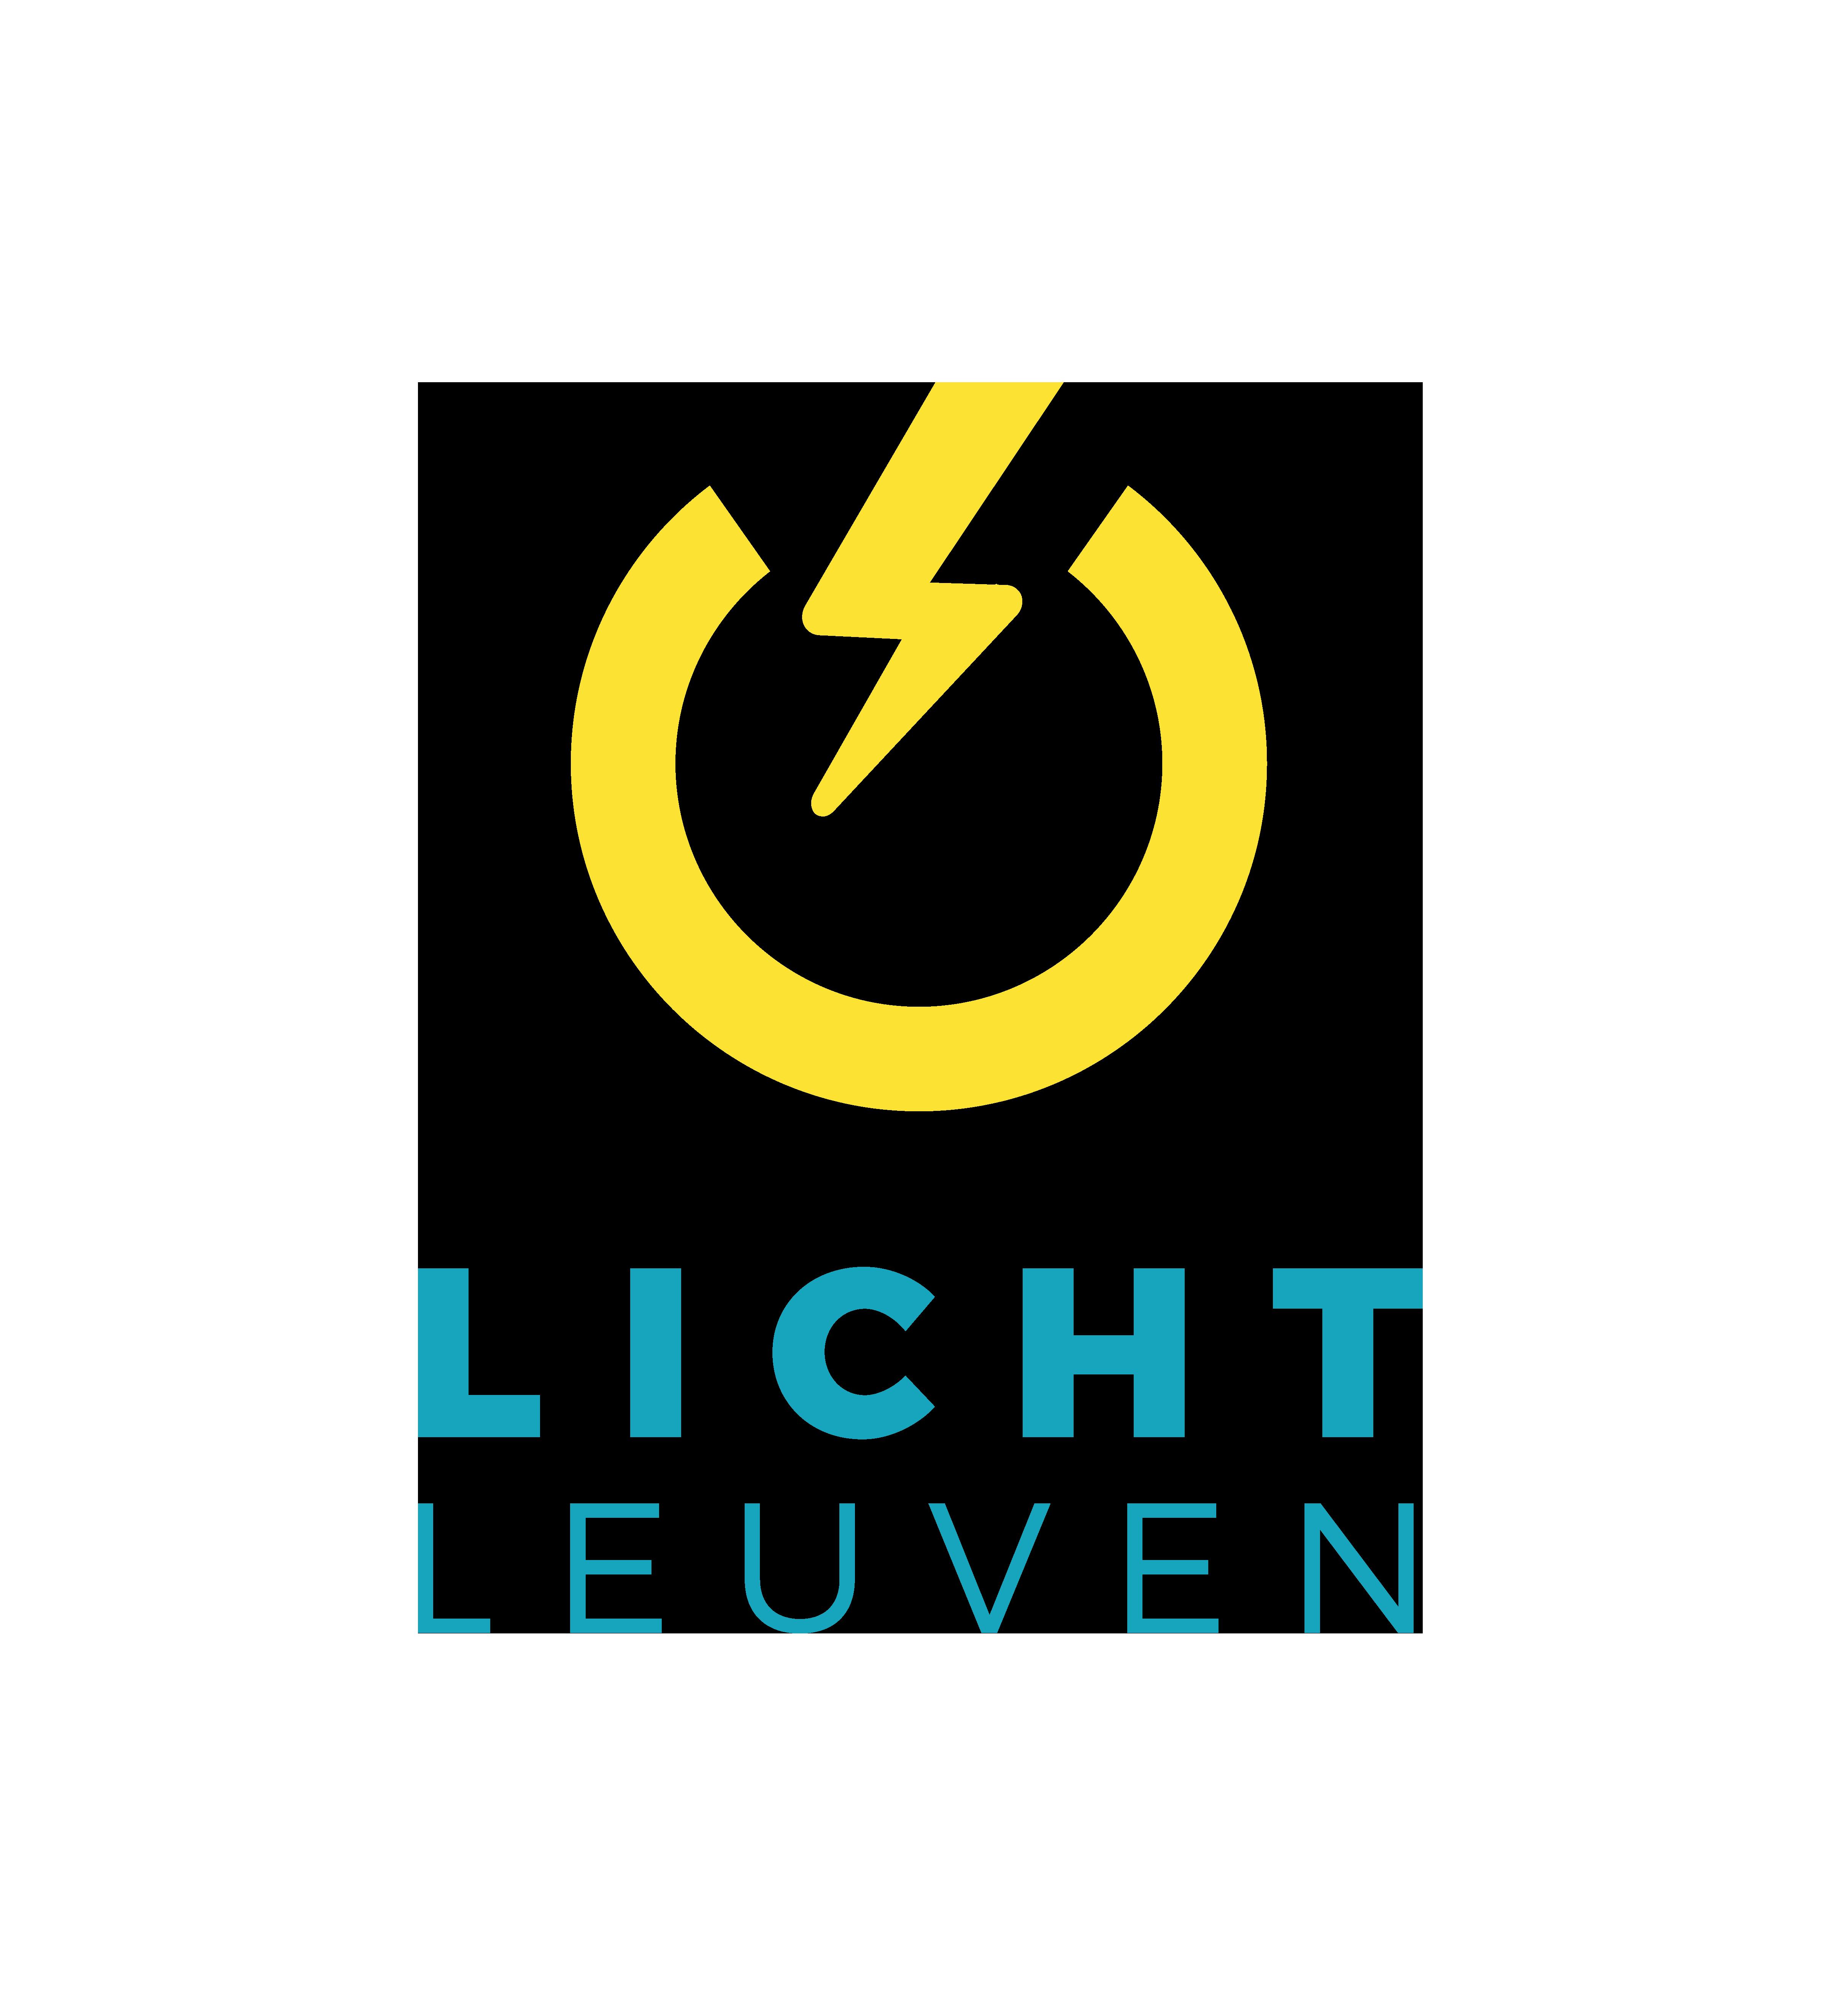 LICHT Leuven